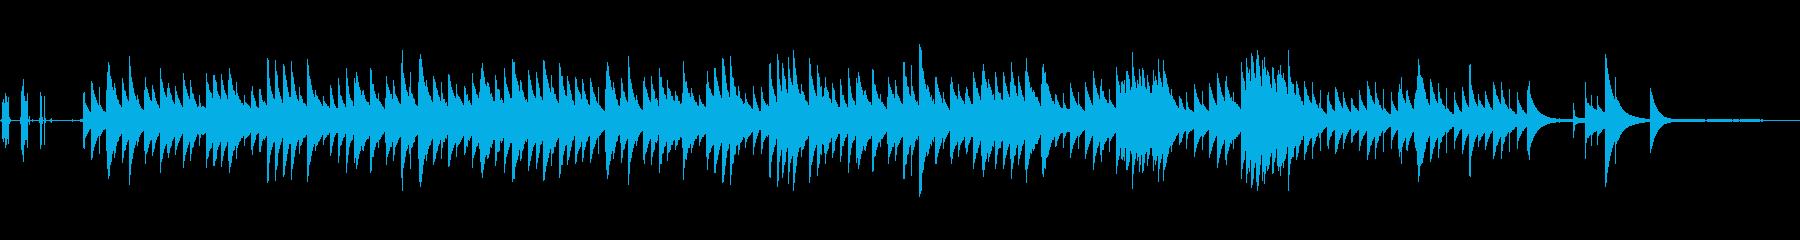 回想シーン【オルゴールVer.】の再生済みの波形